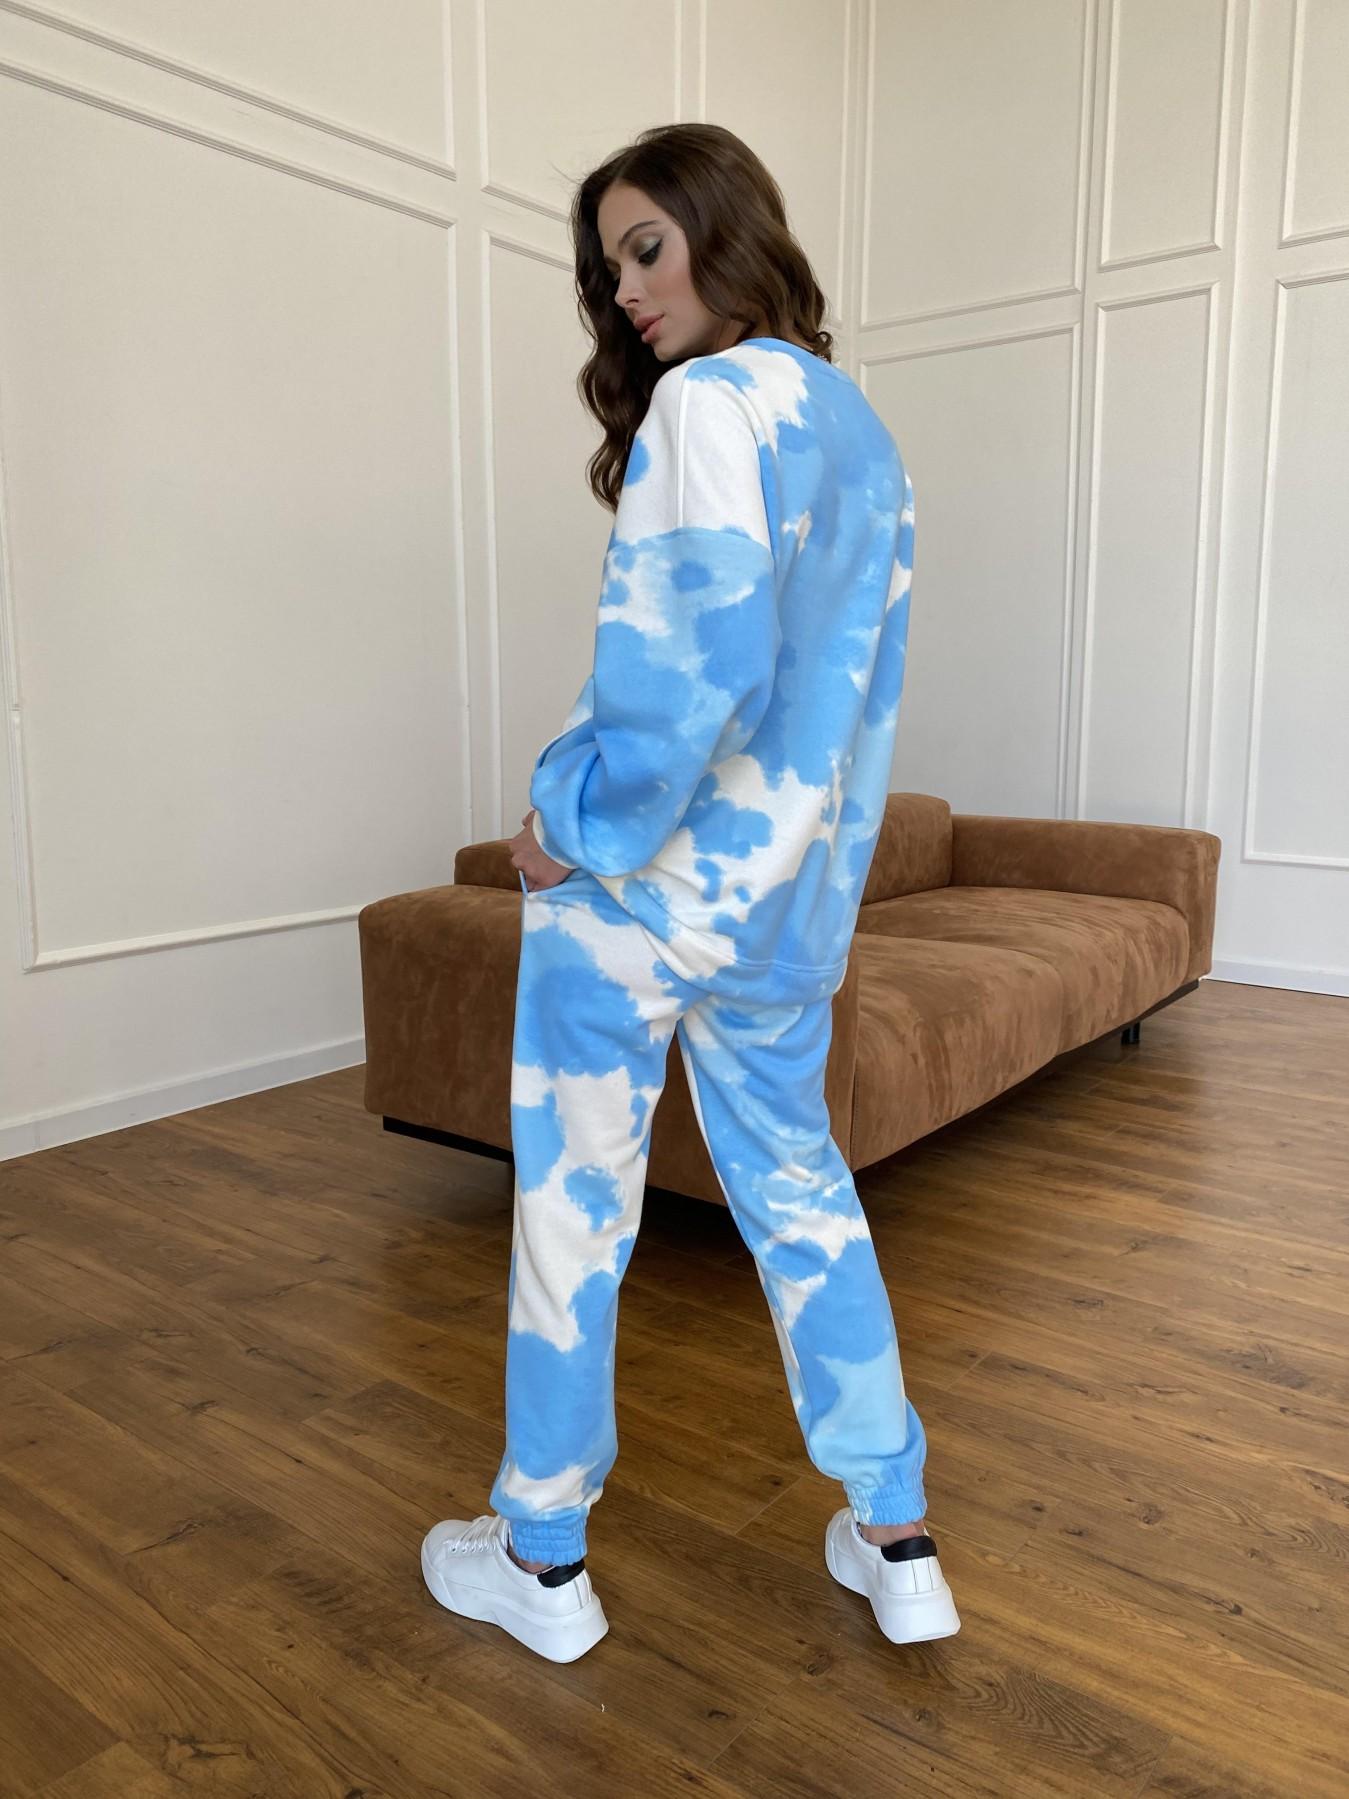 Скай костюм c принтом из 3х нитки 11248 АРТ. 47769 Цвет: Молоко/голубойТайДай - фото 9, интернет магазин tm-modus.ru